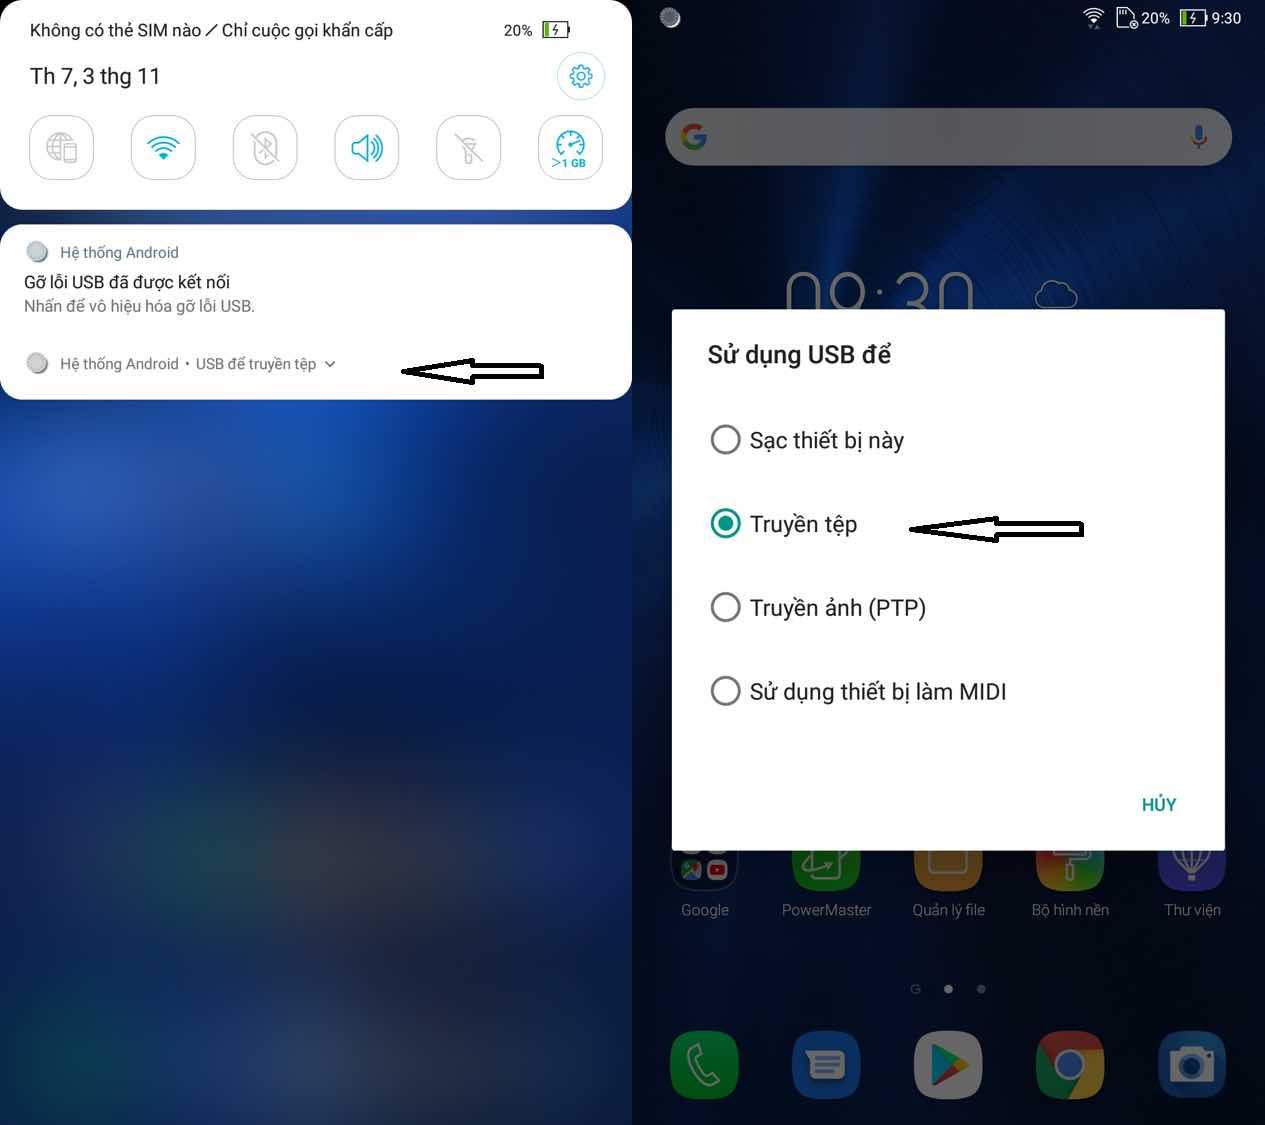 Cách kết nối hình ảnh từ màn hình điện thoại đến màn hình máy tính 6